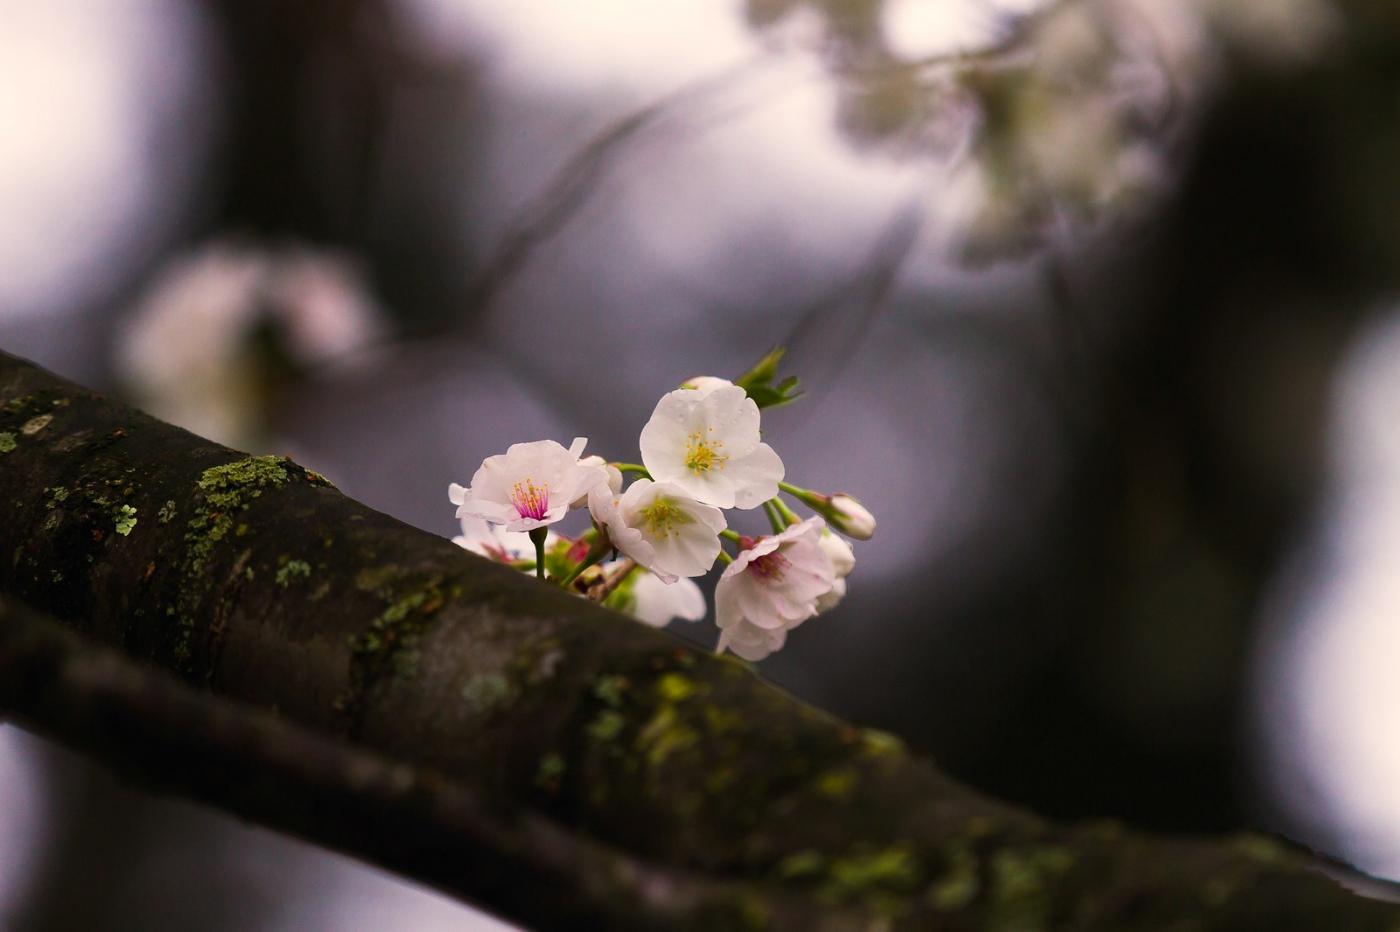 白色李花,粉色芯_圖1-2